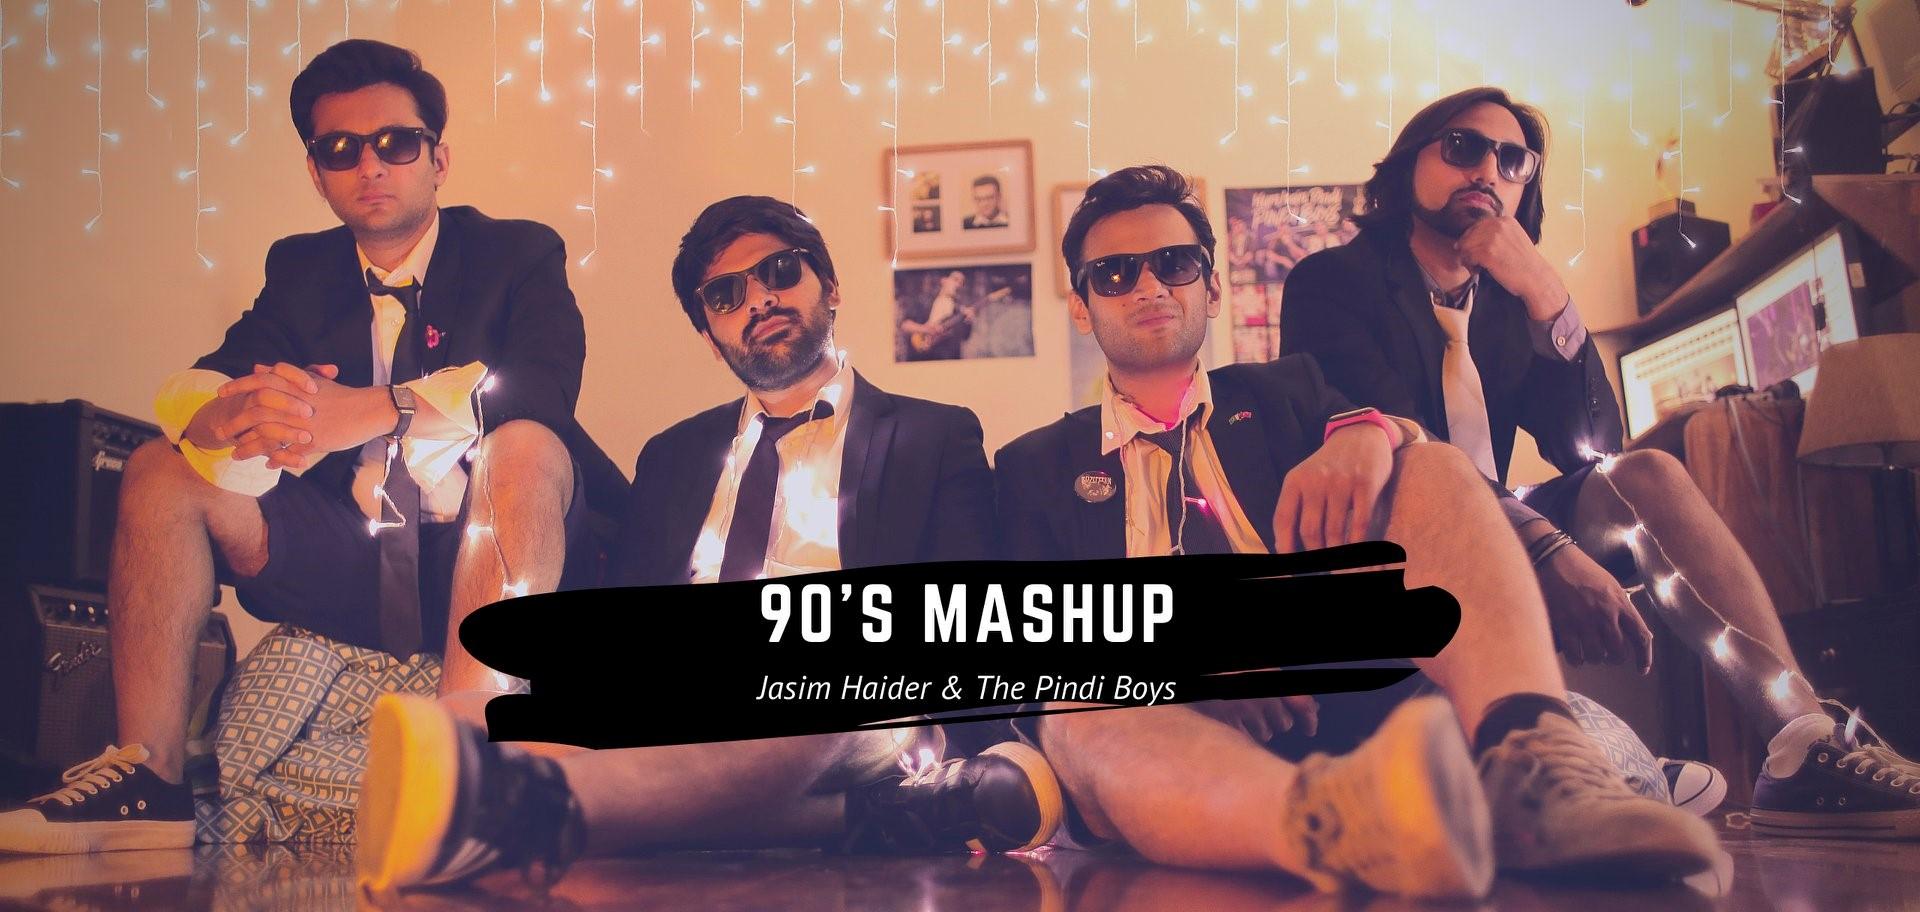 Jasim Haider & The Pindi Boys